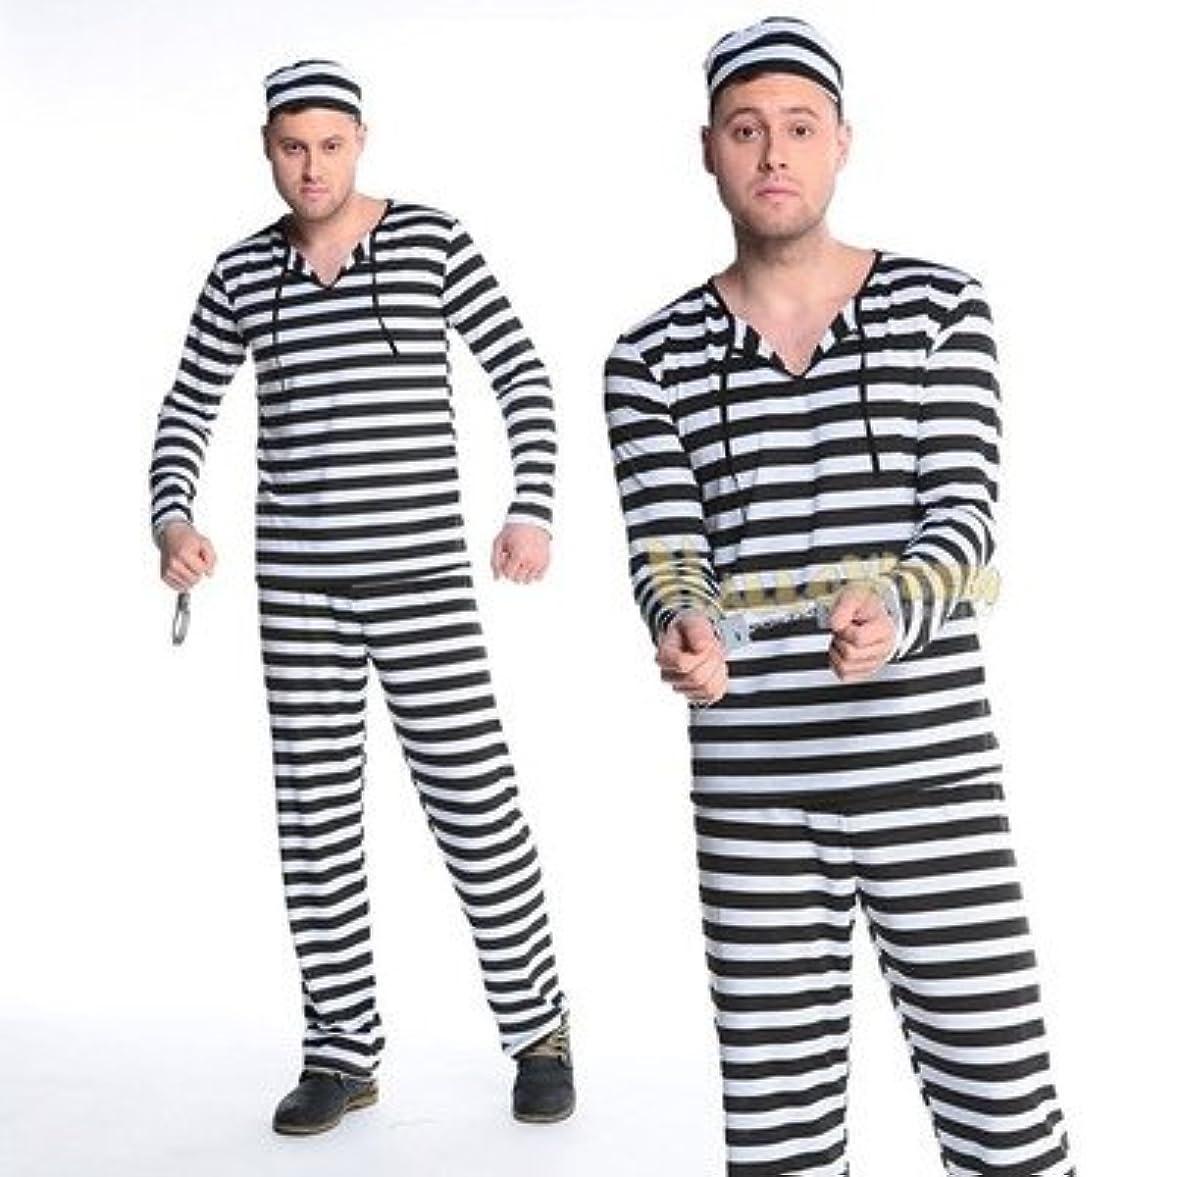 イースター踊り子リードイチゴガール コスプレ衣装 メンズ 囚人コスチューム 犯人服 全身タイツ 手錠 4